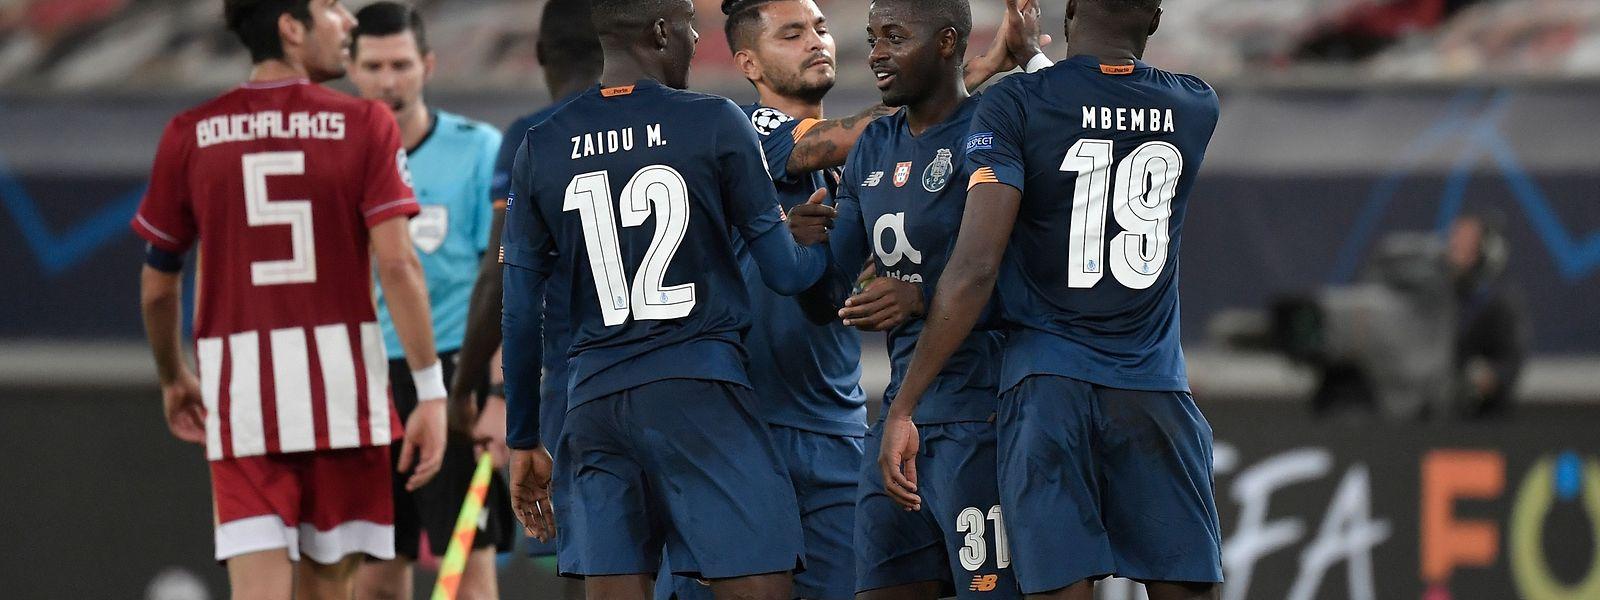 Dragões venceram o Olympiakos por 2-0 na fase de grupos da Champions, a 9 de dezembro.